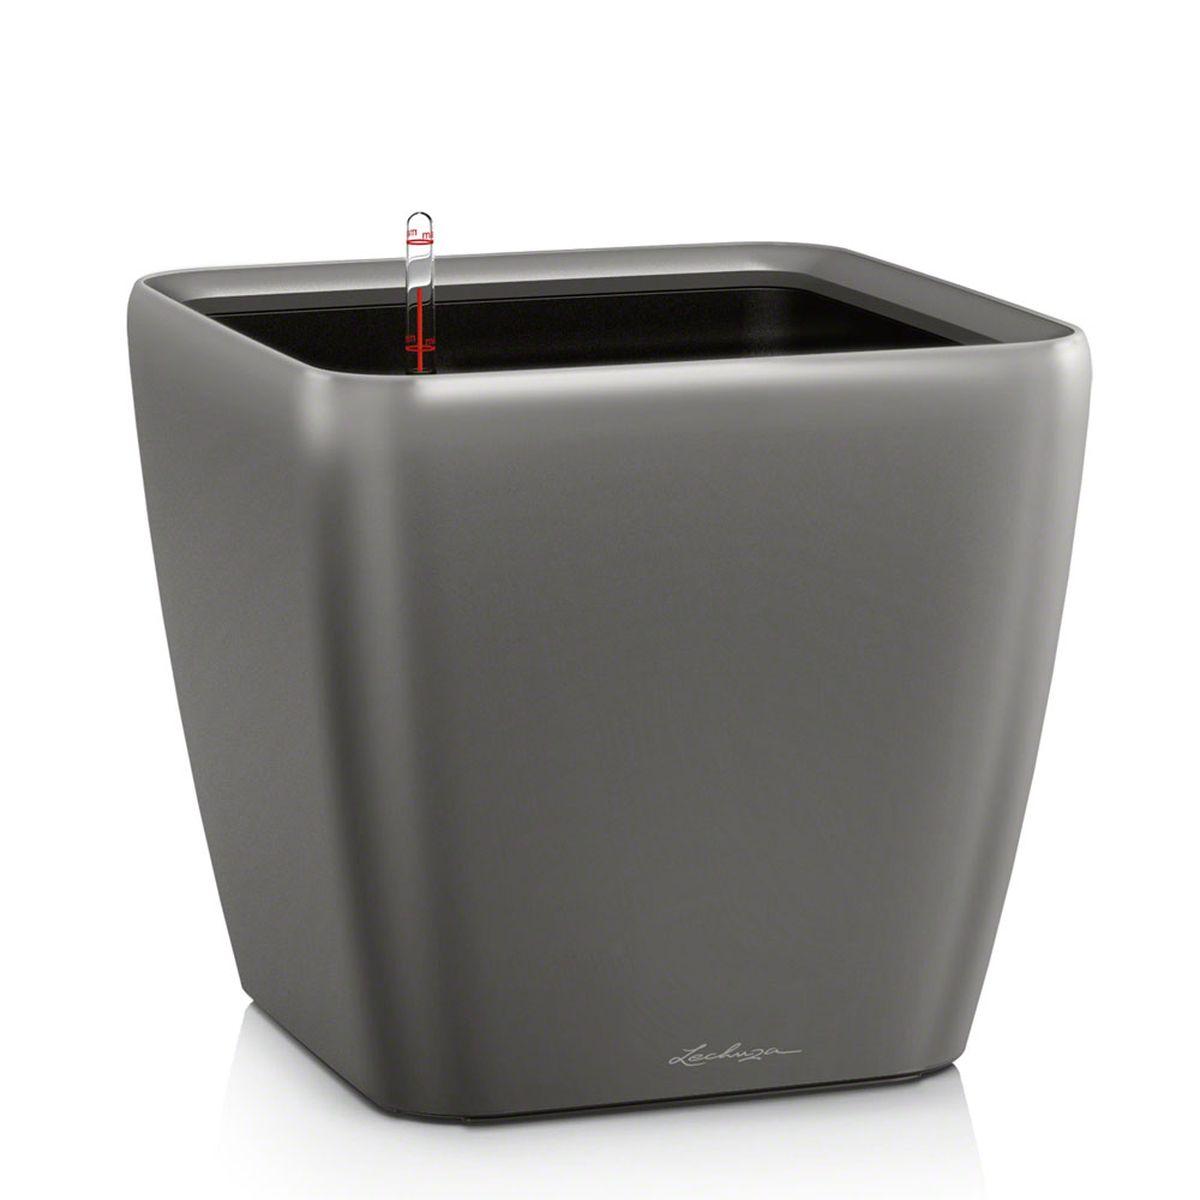 Кашпо Lechuza Quadro, с системой автополива, цвет: антрацит, 43 х 43 х 40 см16183Кашпо Lechuza Quadro, выполненное из высококачественного пластика, имеет уникальную систему автополива, благодаря которой корневая система растения непрерывно снабжается влагой из резервуара. Уровень воды в резервуаре контролируется с помощью специального индикатора. В зависимости от размера кашпо и растения воды хватает на 2-12 недель. Это способствует хорошему росту цветов и предотвращает переувлажнение.В набор входит: кашпо, внутренний горшок, индикатор уровня воды, вал подачи воды, субстрат растений в качестве дренажного слоя, резервуар для воды.Кашпо Lechuza Quadro прекрасно впишется в любой интерьер. Оно поможет расставить нужные акценты, а также придаст помещению вид, соответствующий вашим представлениям.